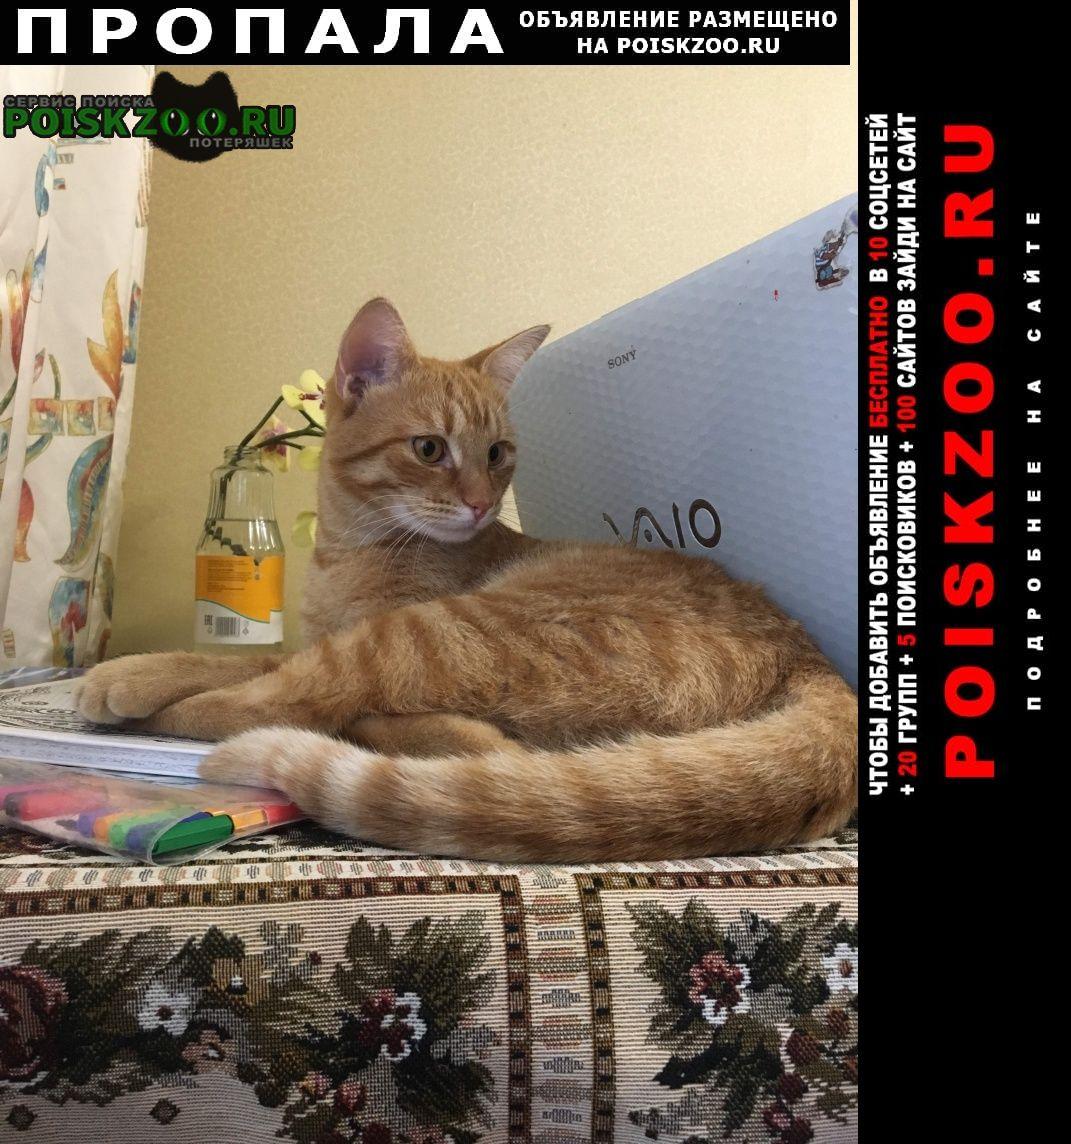 Пропала кошка рыжий кот Москва